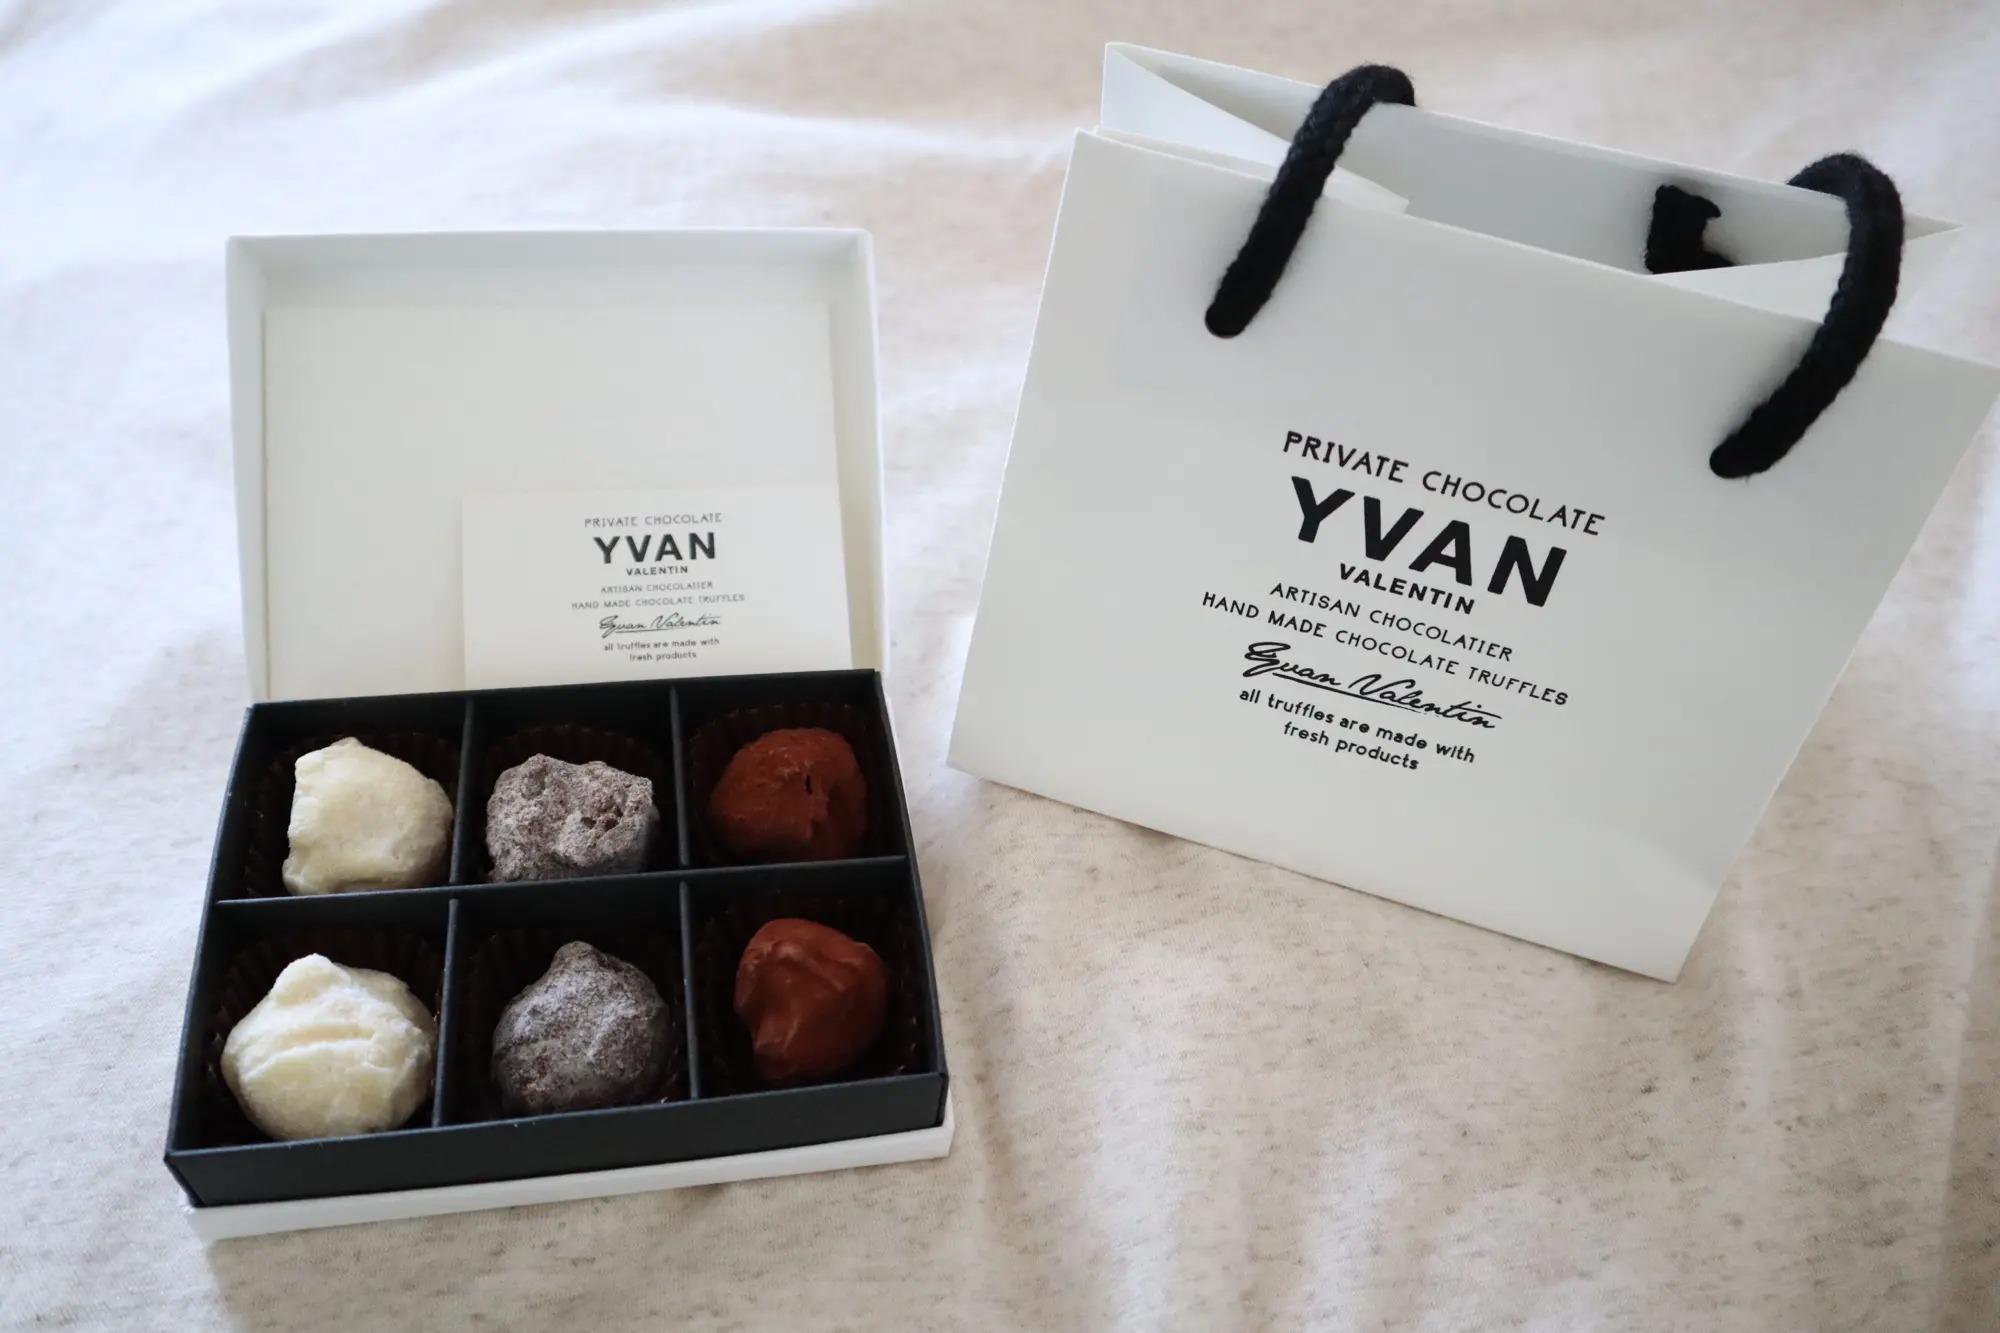 2021バレンタインで購入したイヴァンヴァレンティンの6個入りチョコ